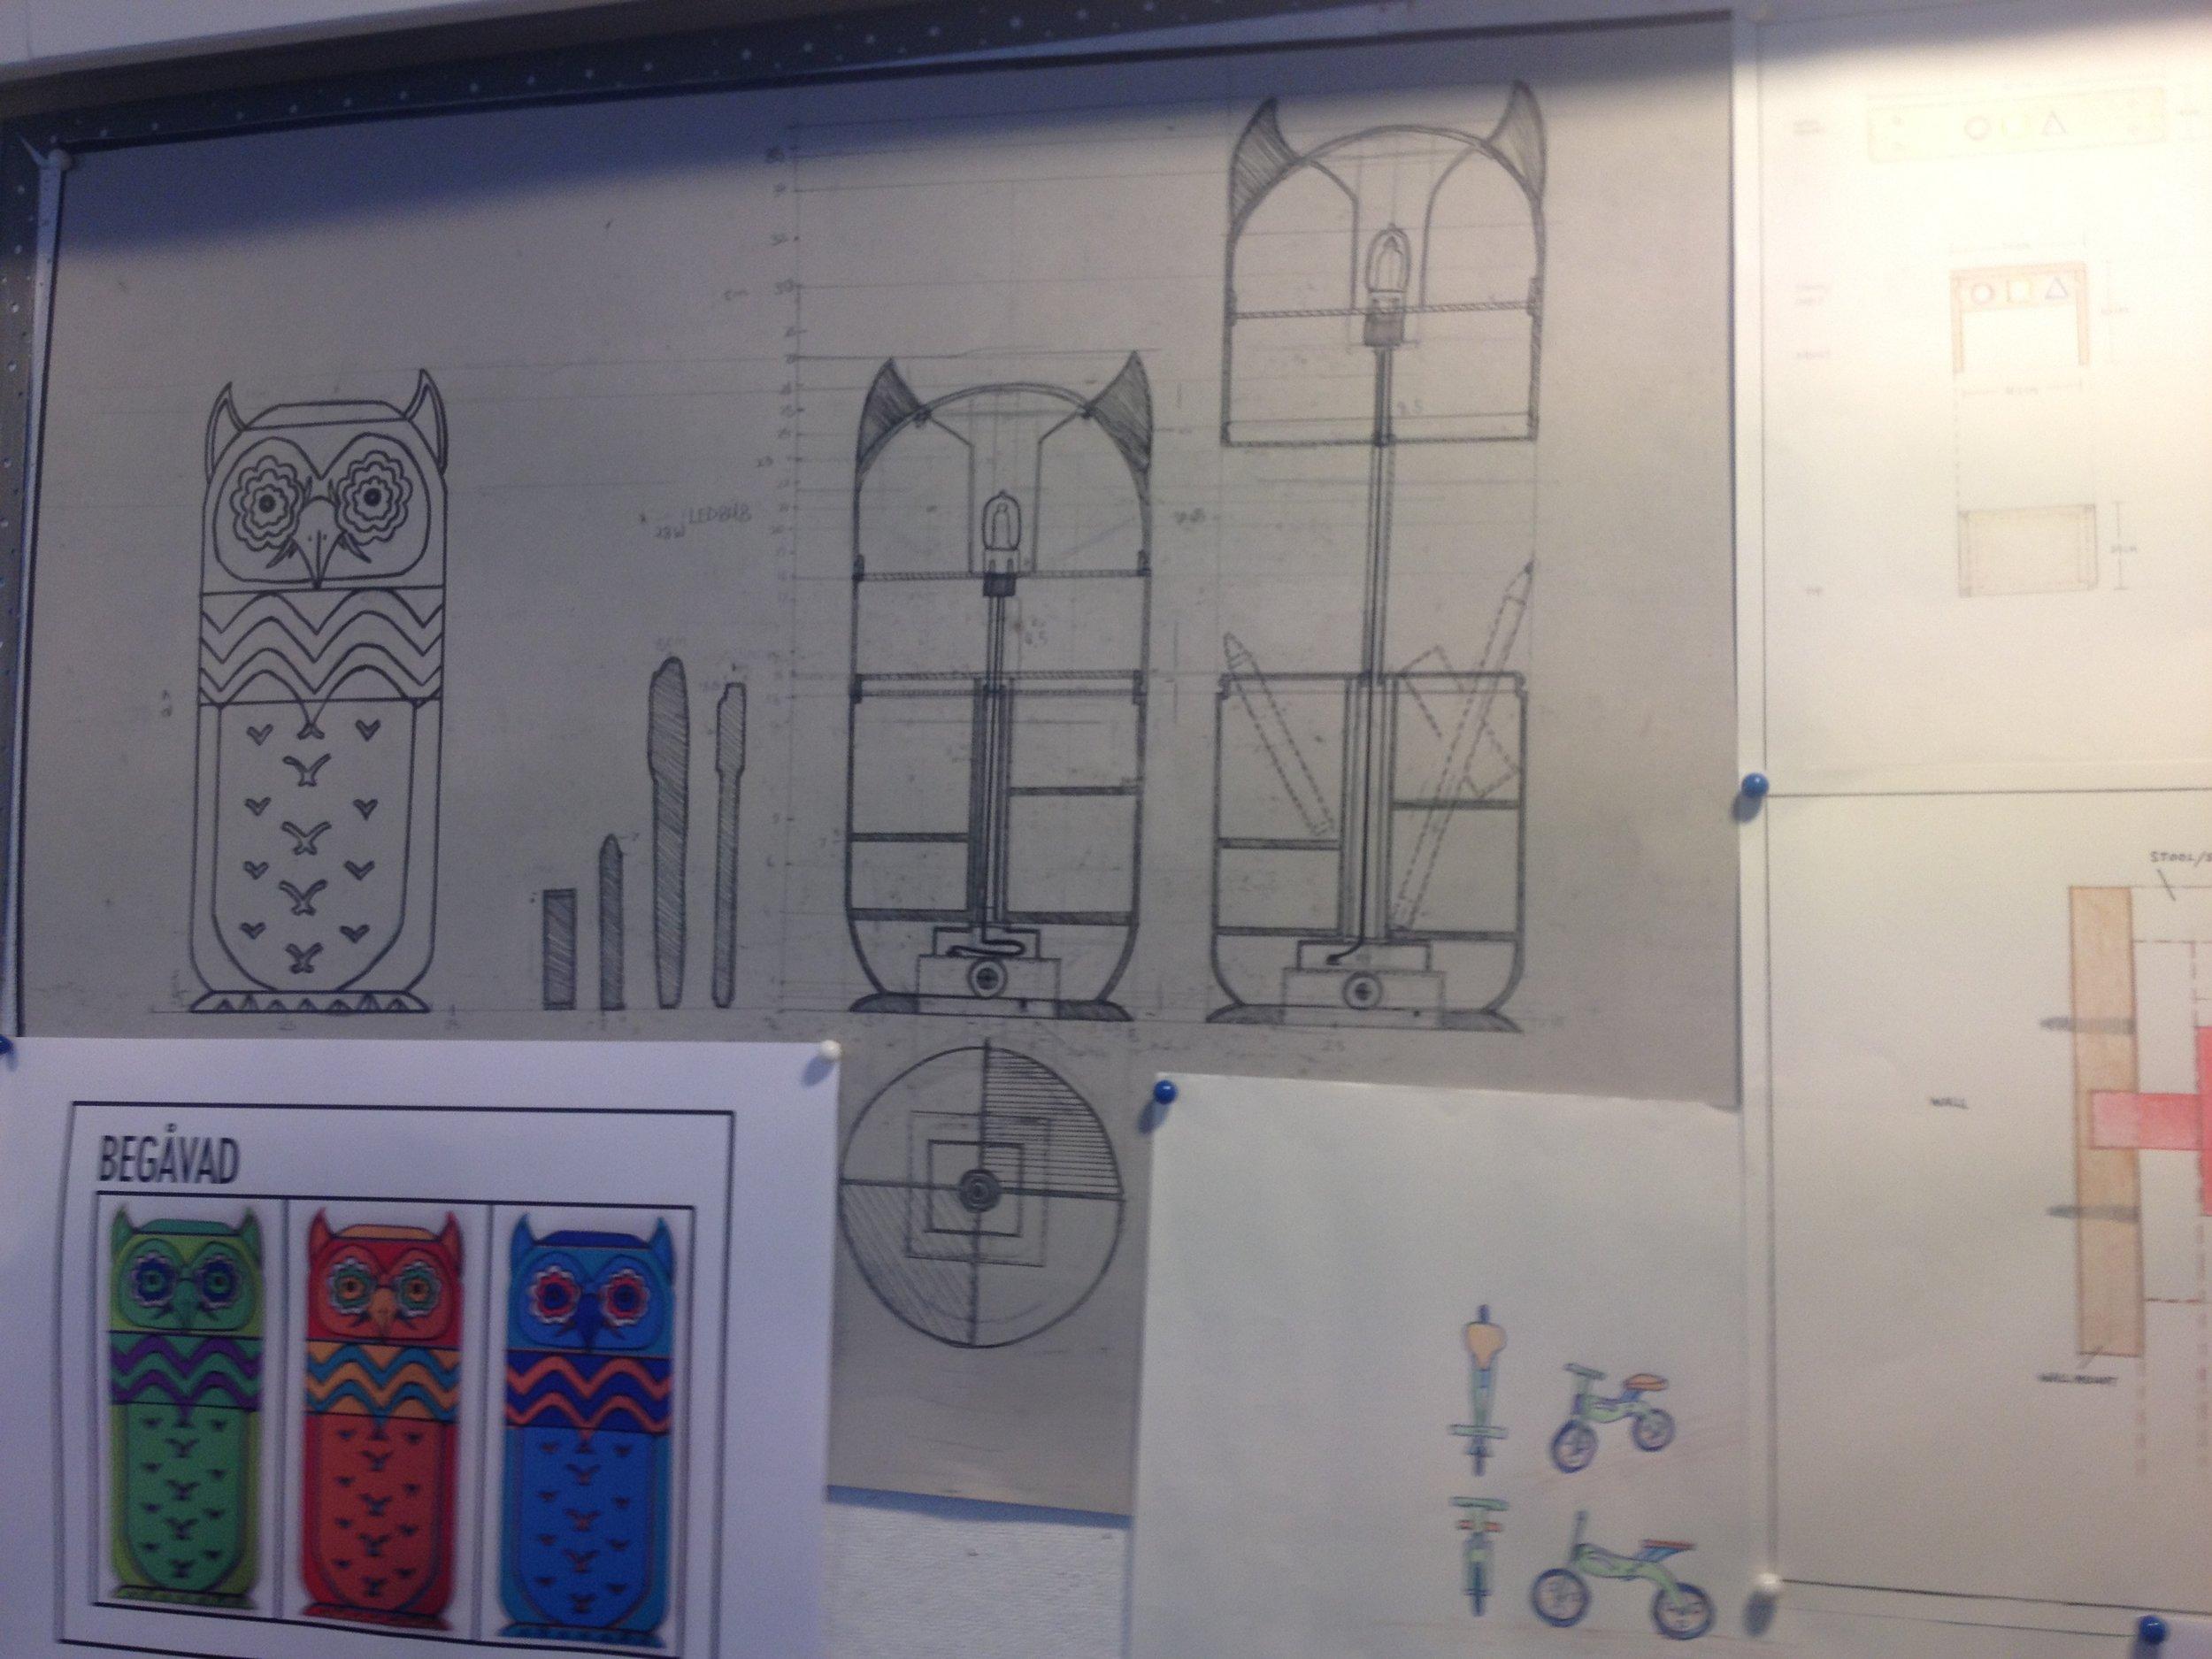 ikea-begavad schematics.JPG